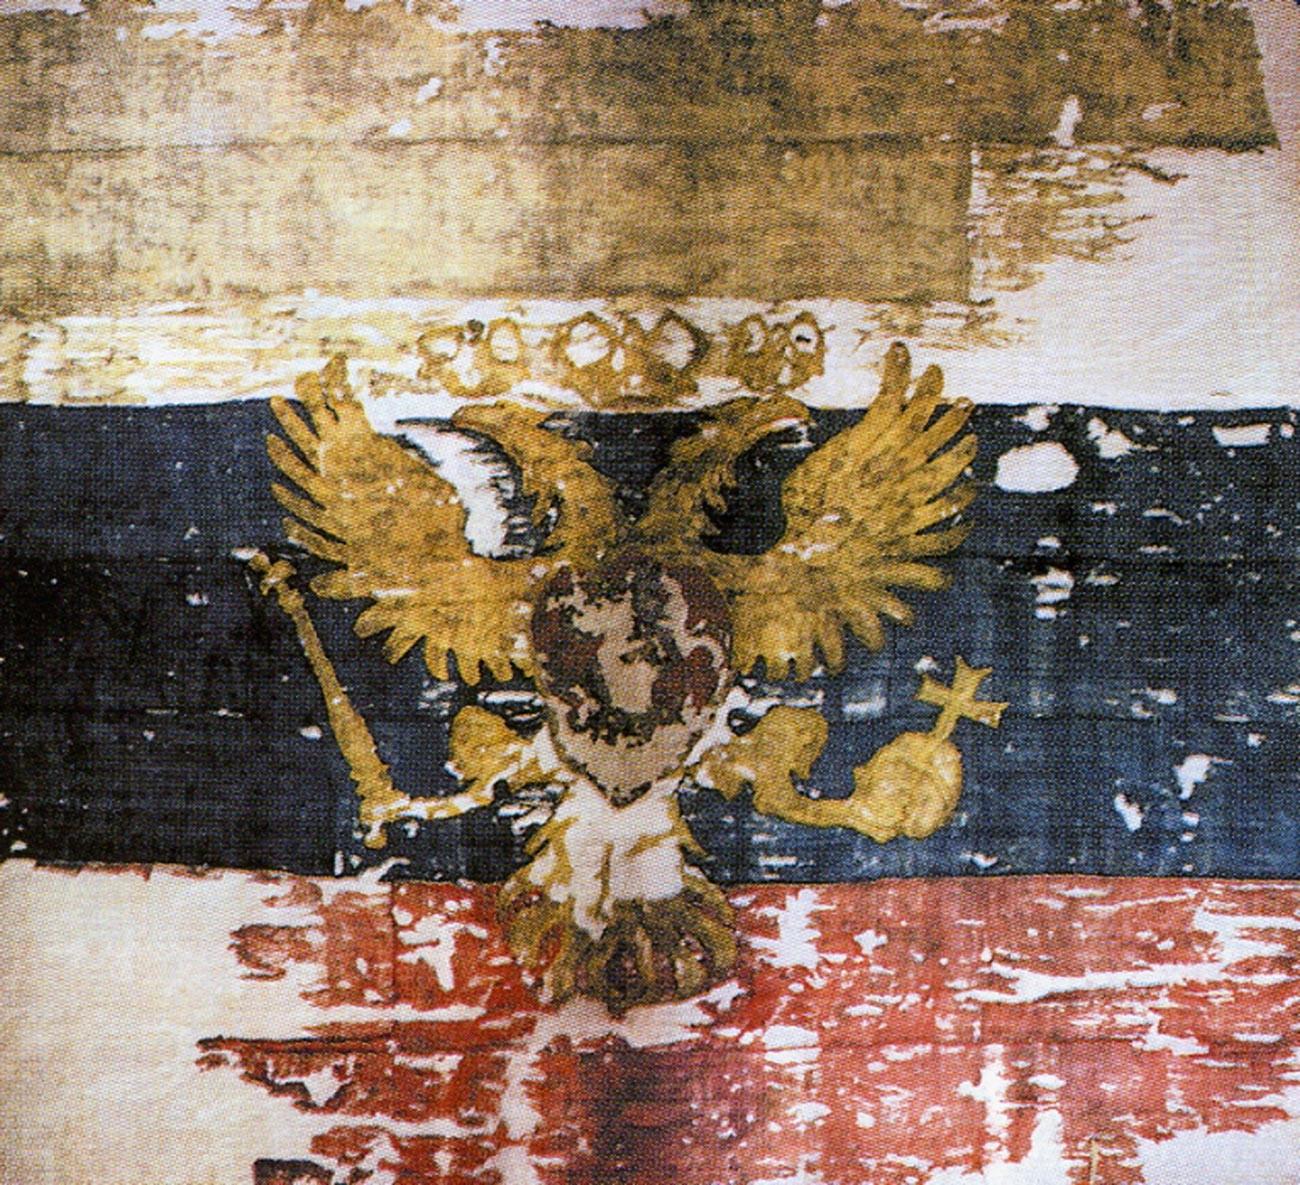 Флаг царя Московского, 1693 год. Хранится в Центральном военно-морском музее